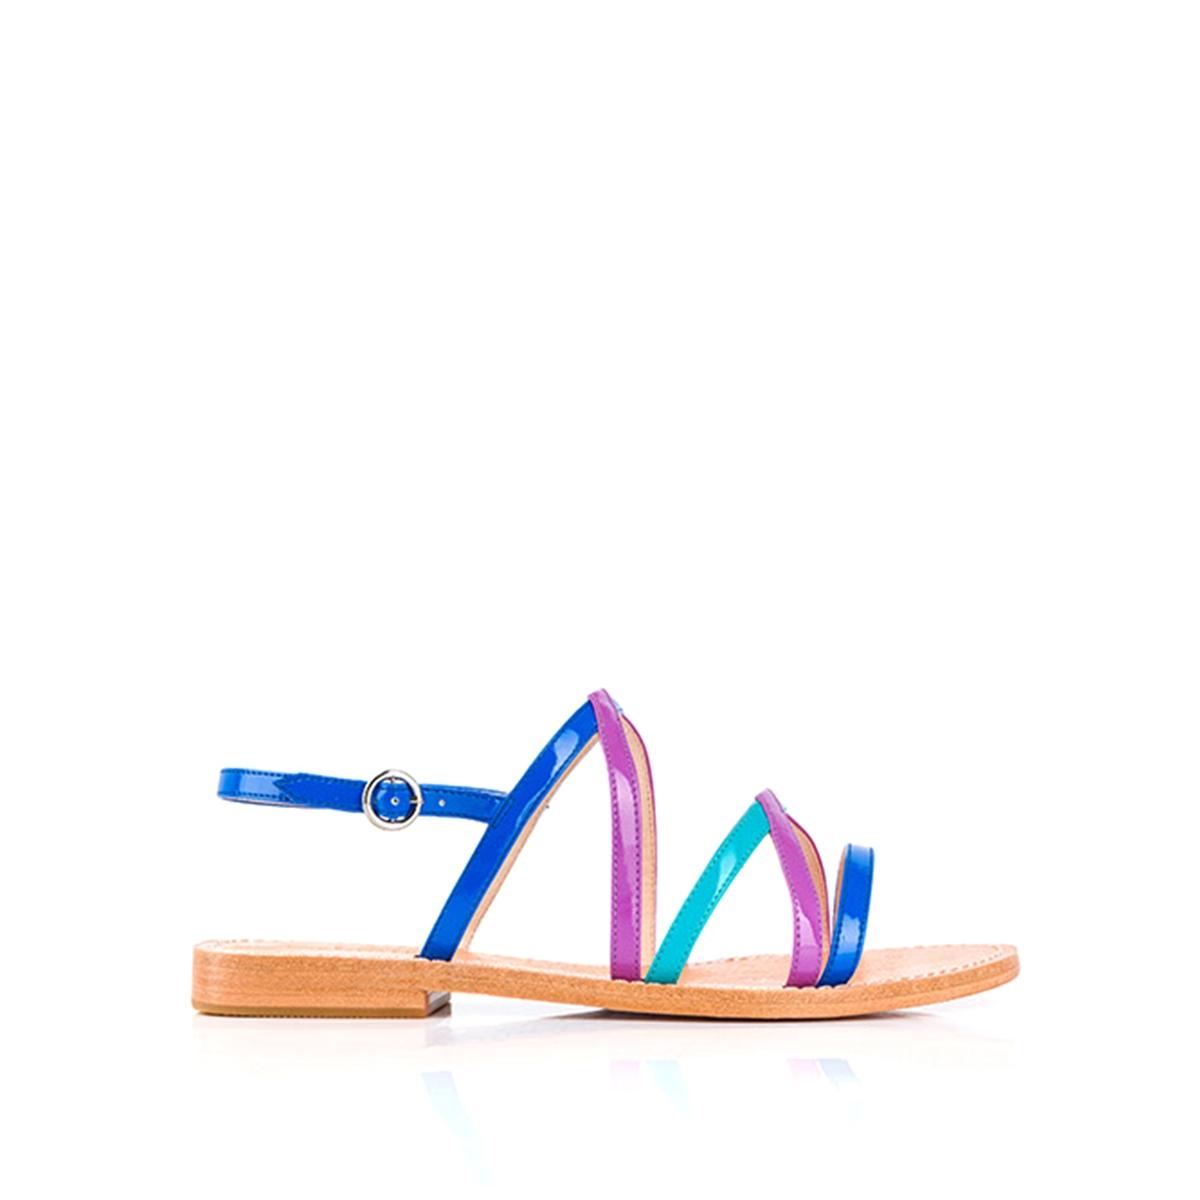 Босоножки BalentineВерх: полиуретан.Подкладка: кожа.  Стелька: кожа.  Подошва: синтетика.Высота каблука: 1 см.  Форма каблука: плоский каблук.Мысок: закругленный.  Застежка: пряжка.<br><br>Цвет: синий+фиолетовый<br>Размер: 40.39.36